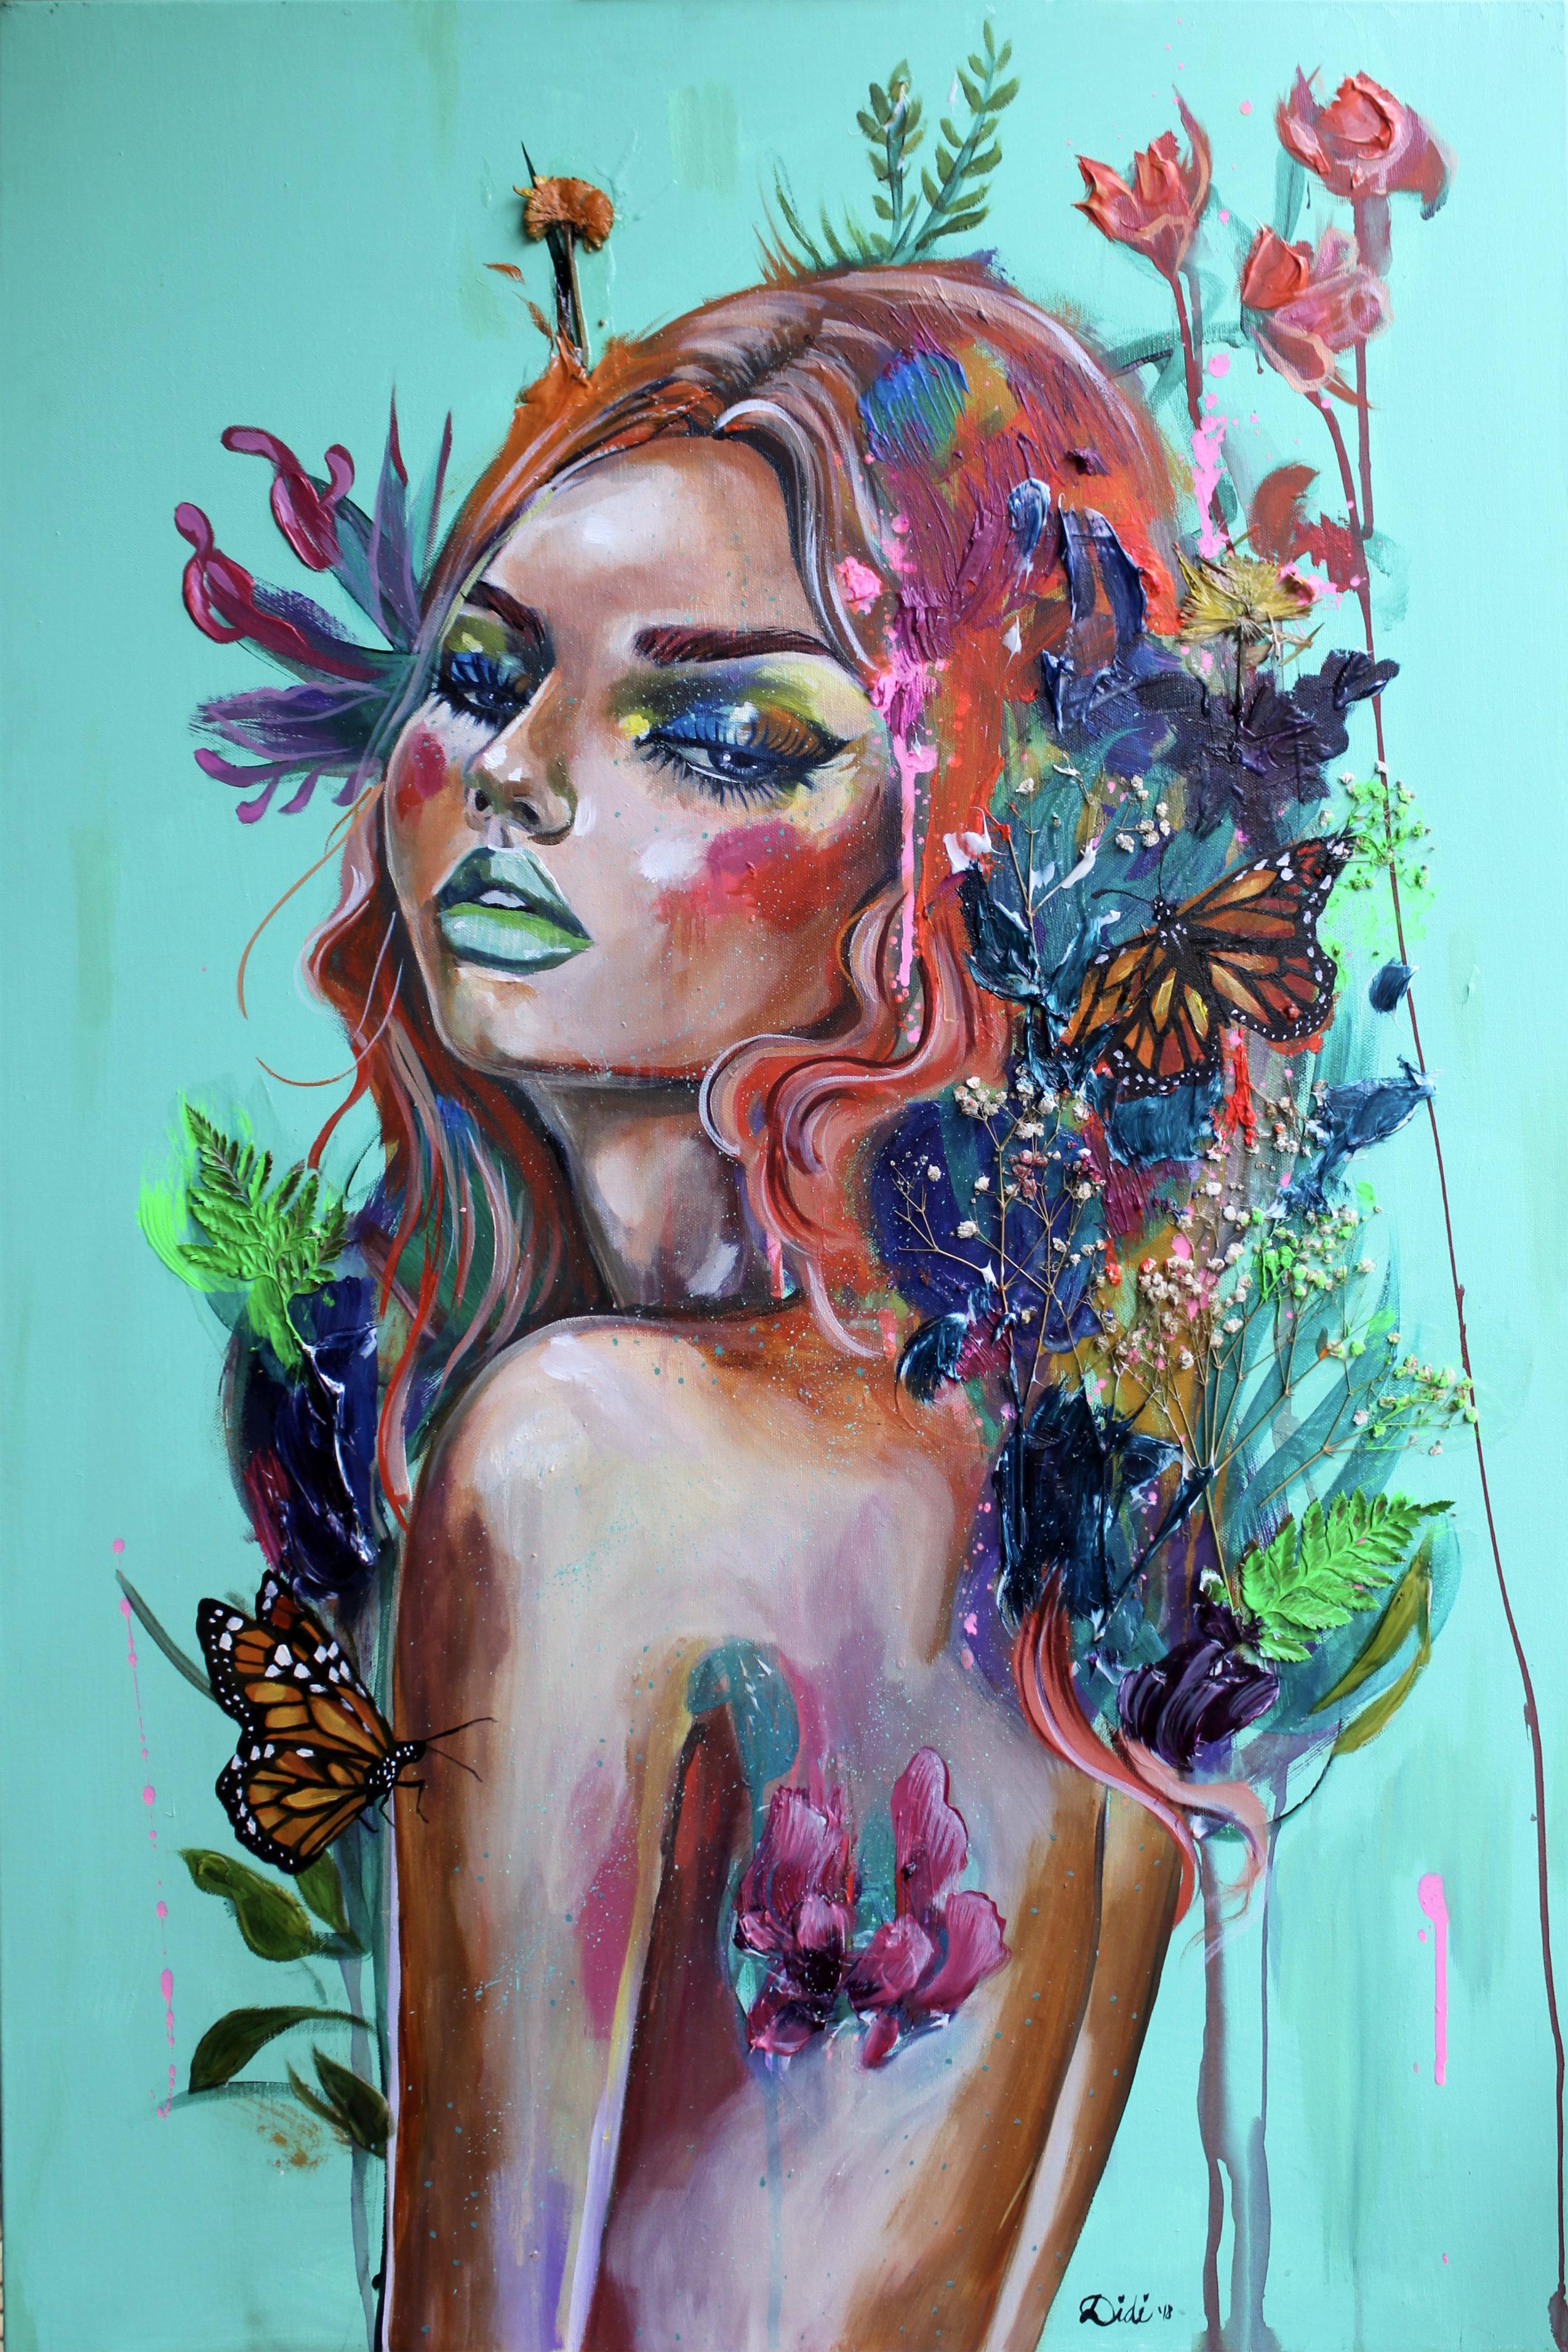 Valentina_24x36_HI_RES.jpg